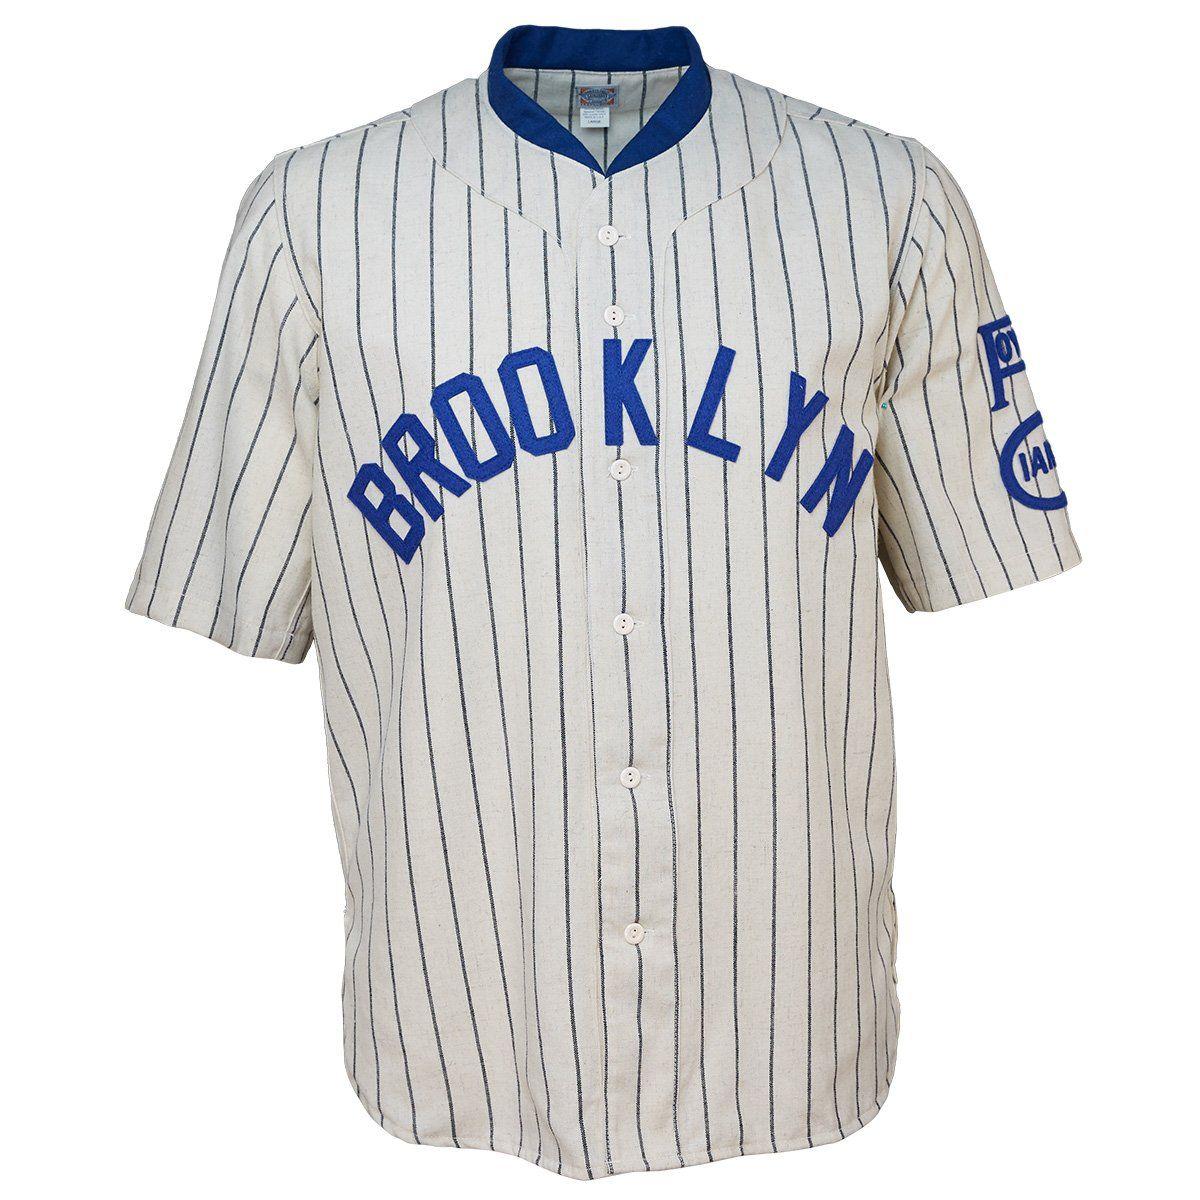 بروكلين 1925 الرئيسية جيرسي 100 ٪ شعارات التطريز مخيط خمر البيسبول الفانيلة مخصص أي اسم أي عدد شحن مجاني